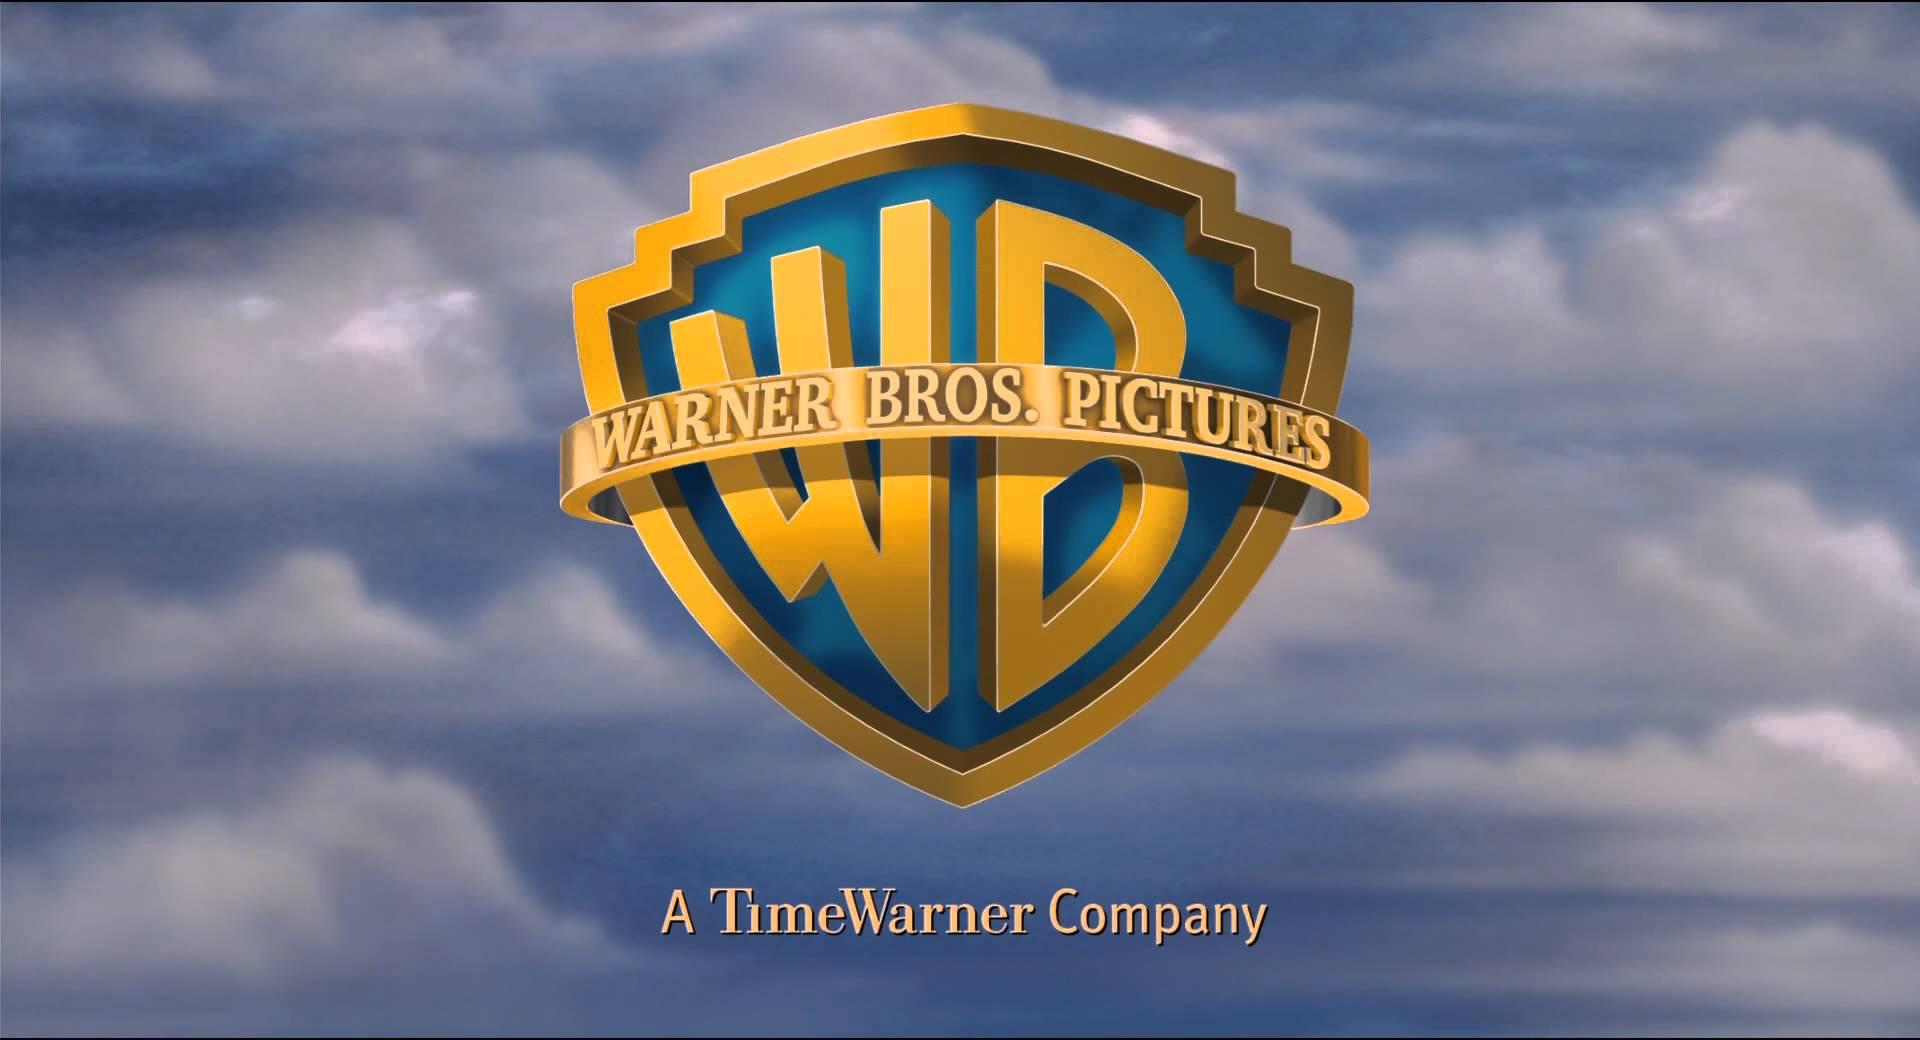 Gyproc Chosen For Abu Dhabi S Us 1 Billion Warner Bros